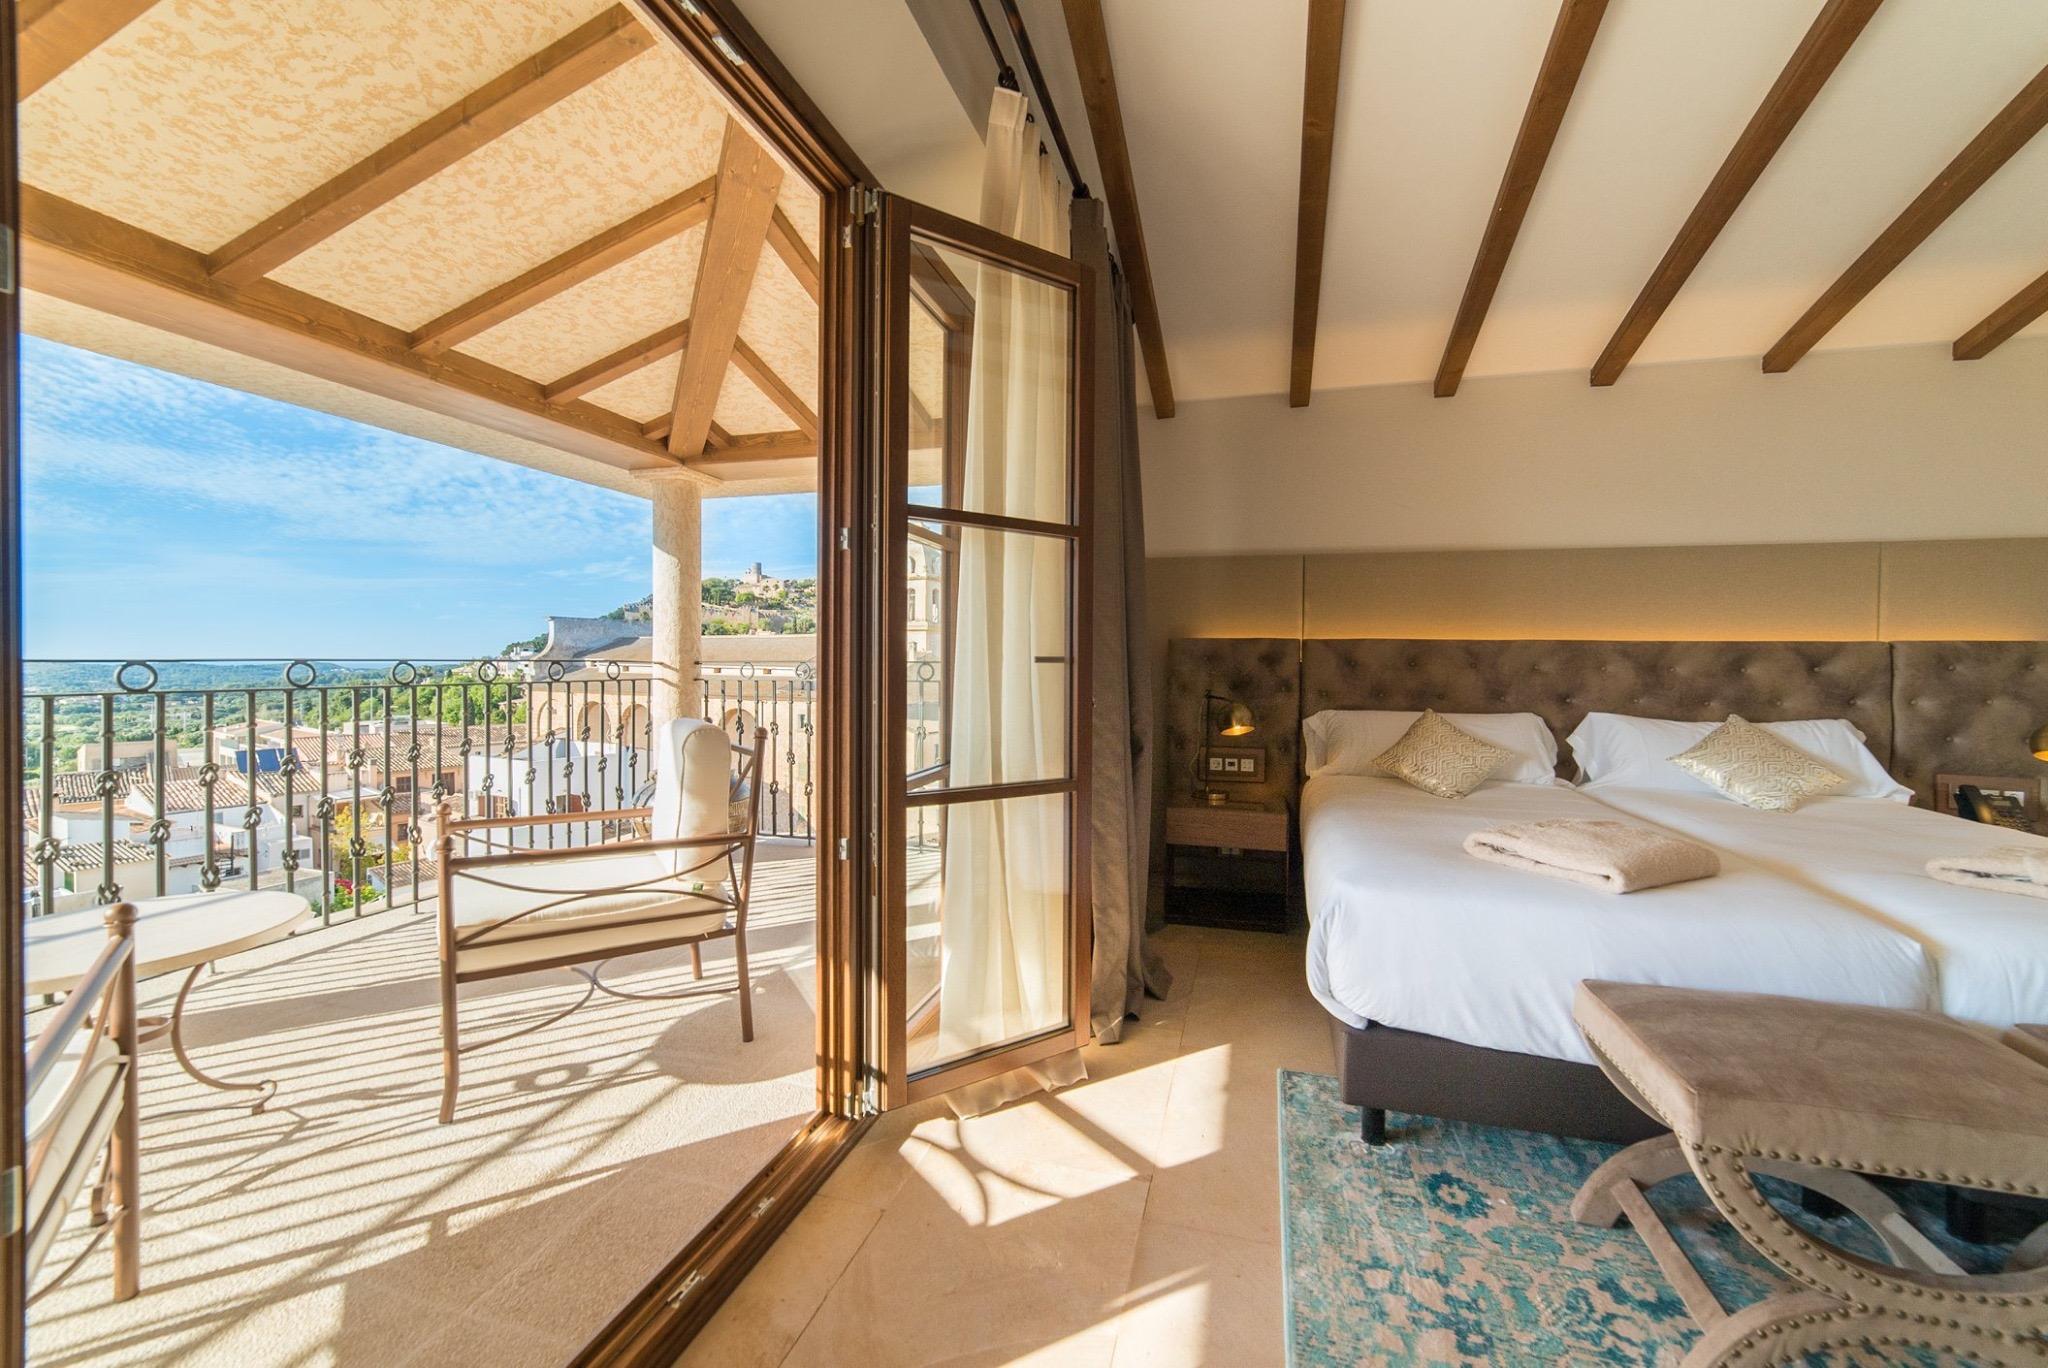 Habitación hotel La creu - VICAL